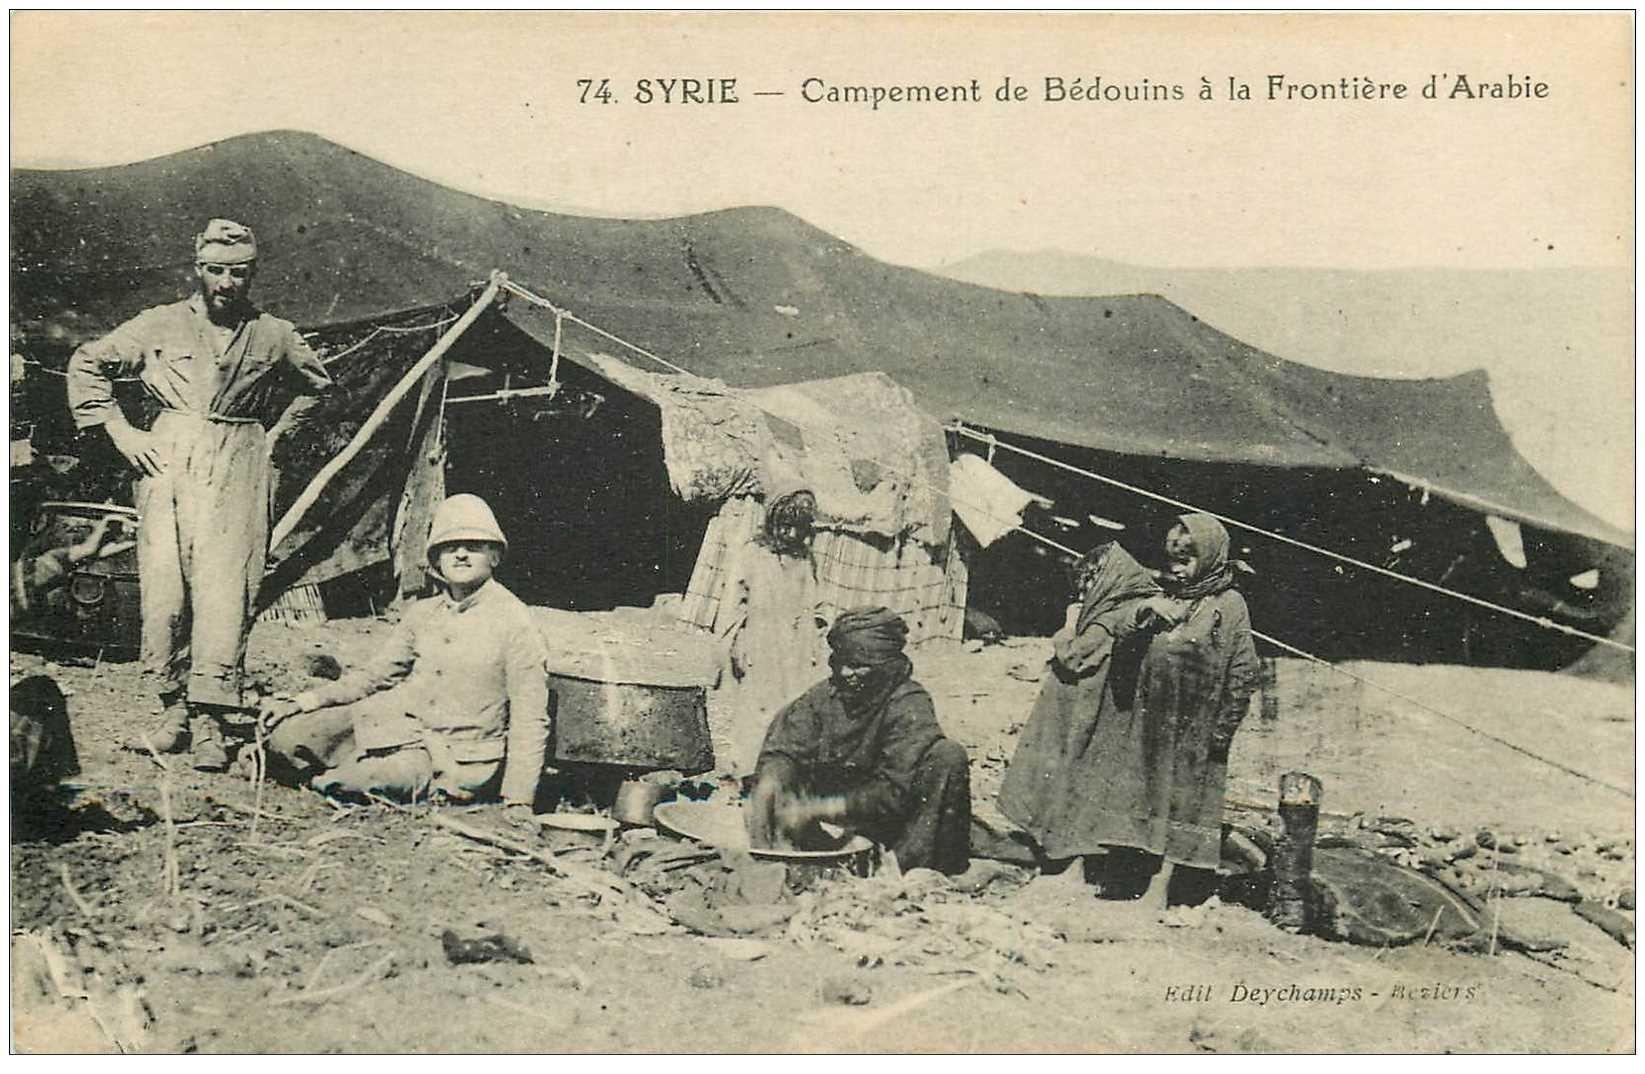 carte postale ancienne SYRIE. Campement de Bédouins à la Frontière d'Arabie. Souk el Gharb 1927